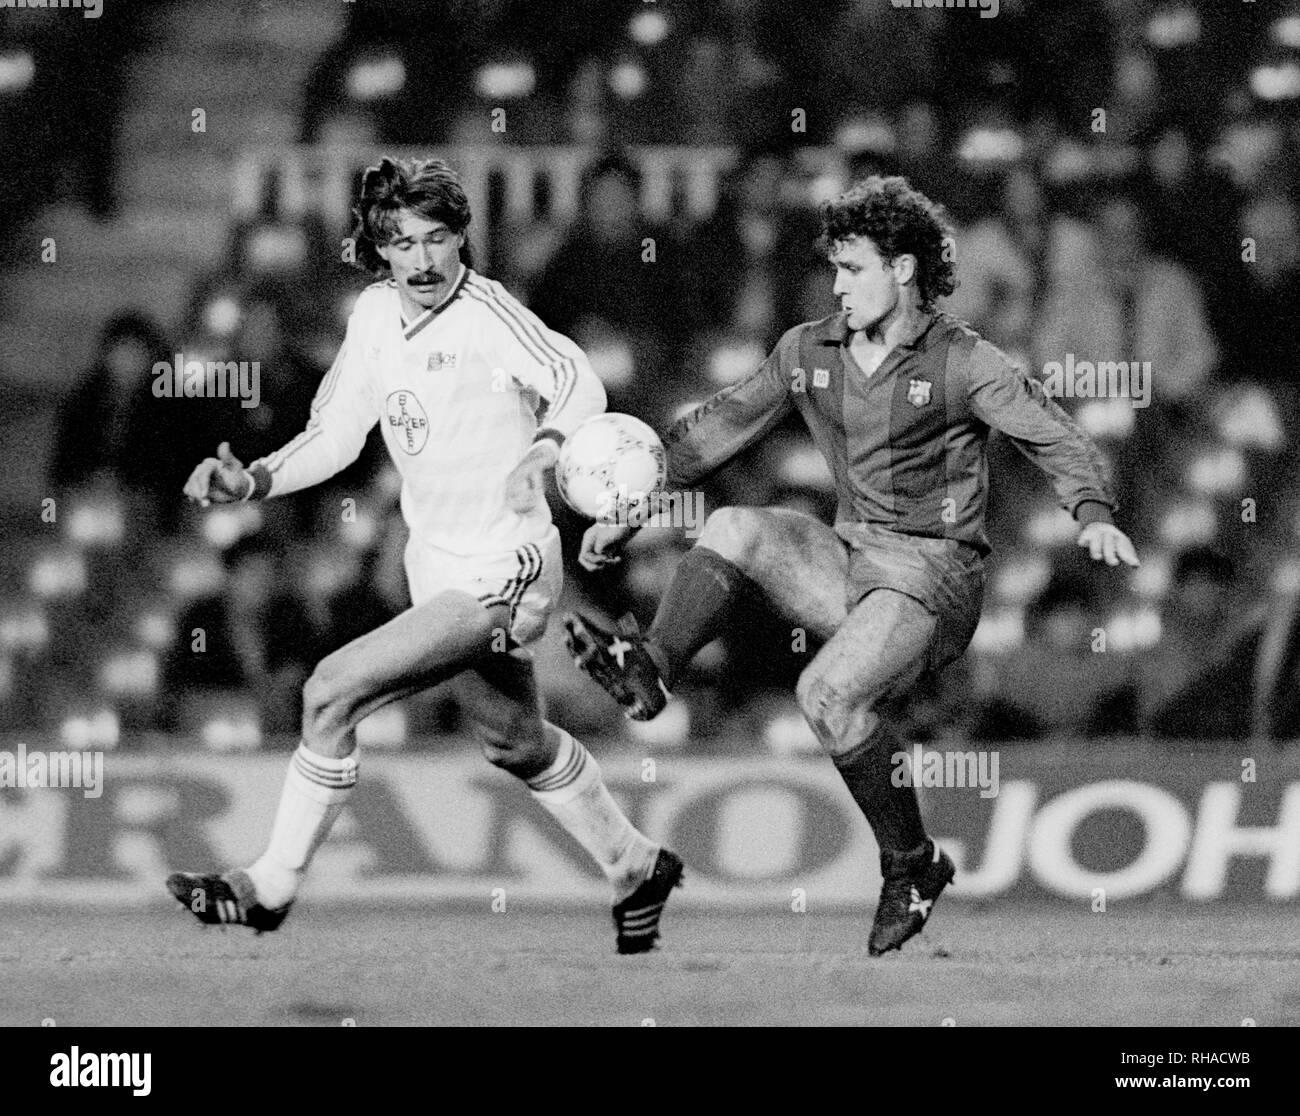 MICHAEL DAMGEN , MARK HUGHES, FC BARCELONA V BAYER 05 UERDINGEN, FC BARCELONA V BAYER 05 UERDINGEN, 1986 - Stock Image